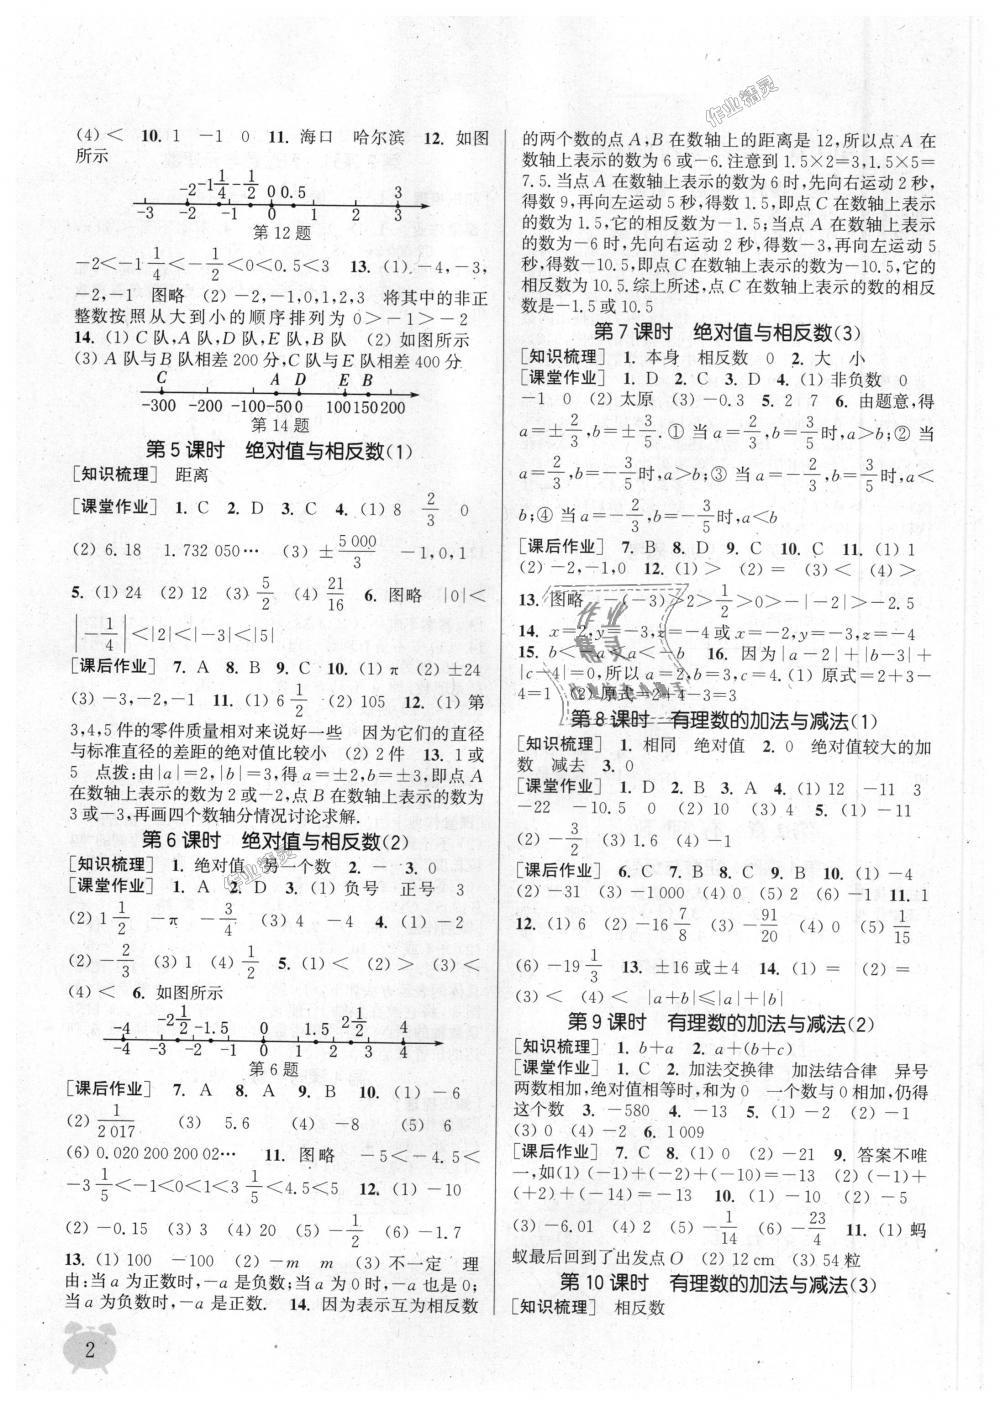 2018年通城学典课时作业本七年级数学上册江苏版江苏专用第2页